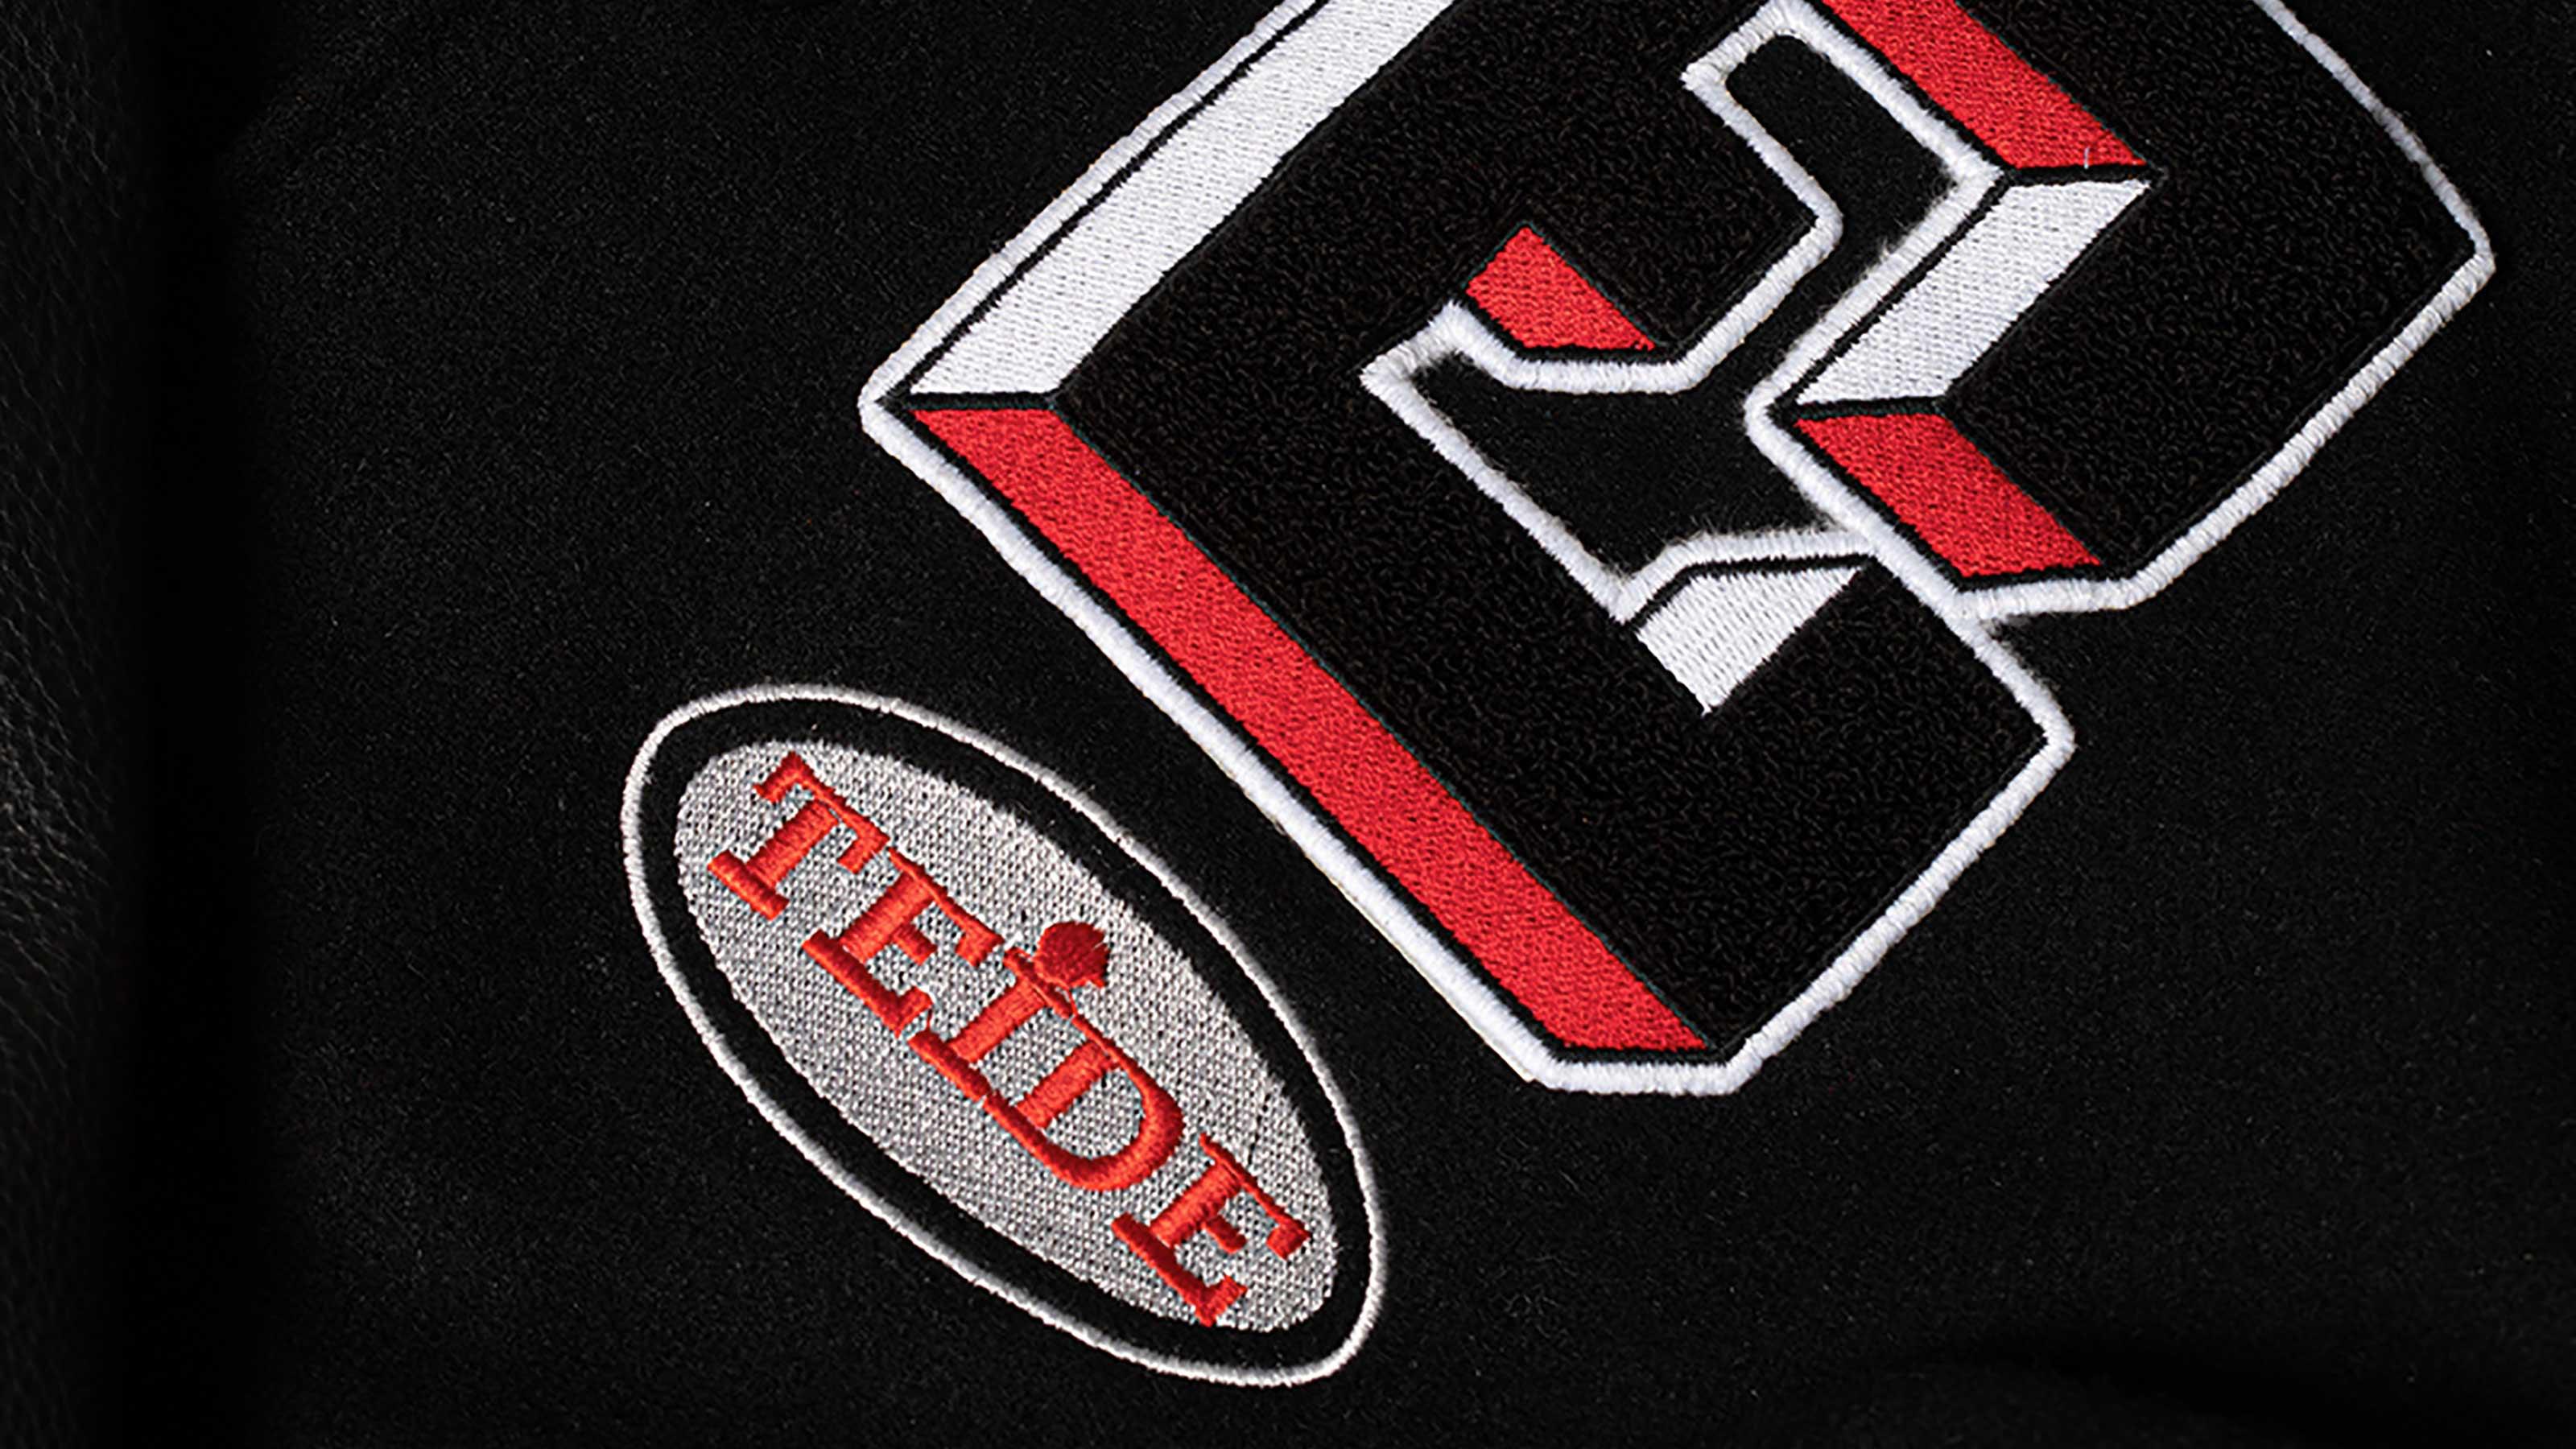 TEIDE x EDWIN - Pt II